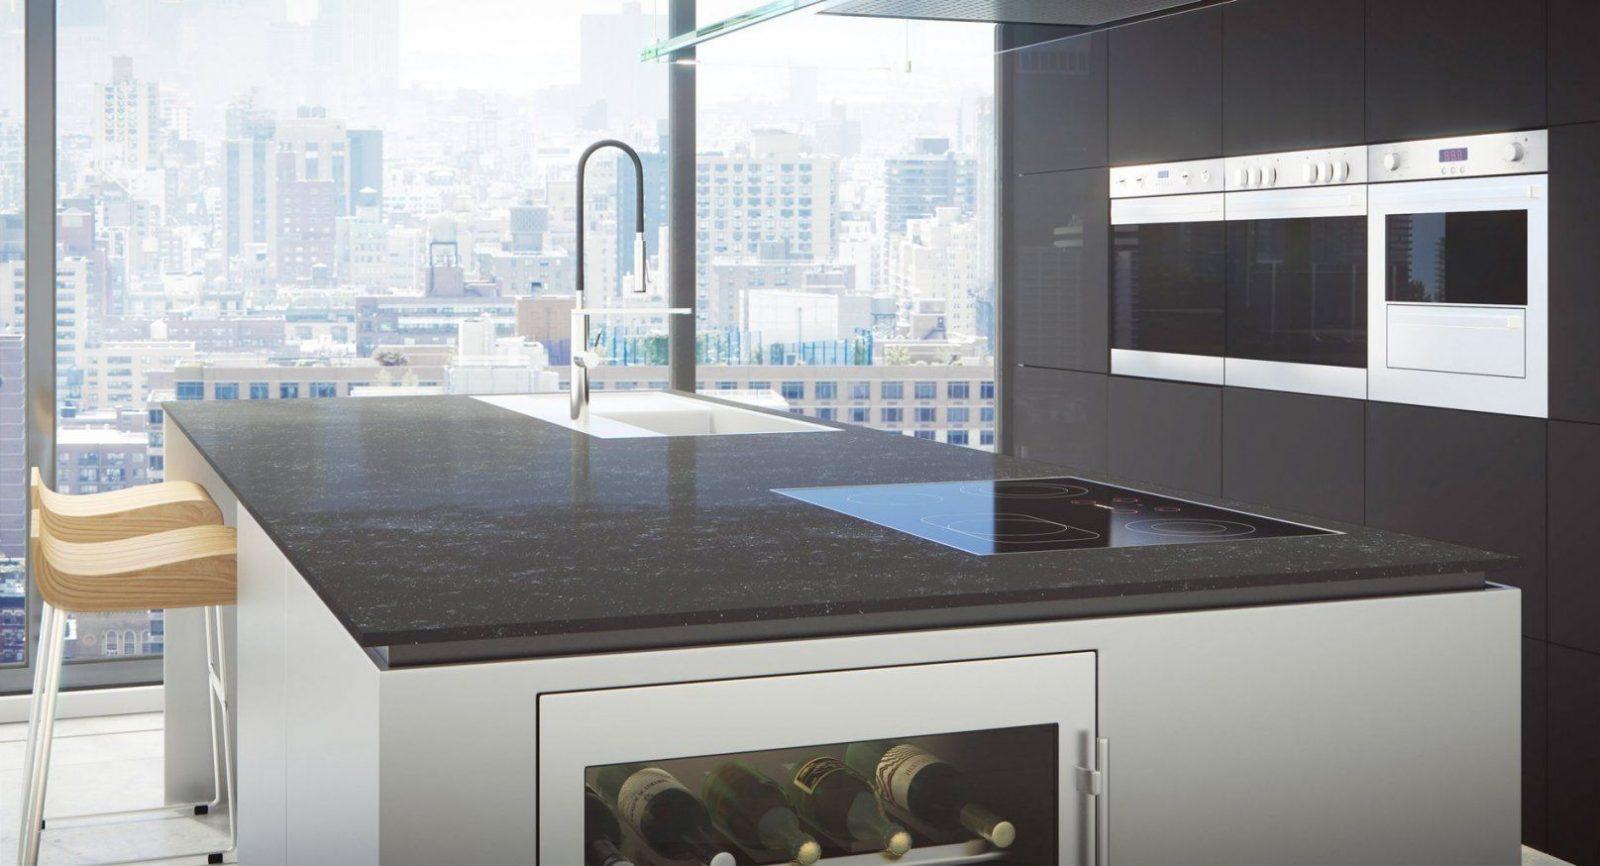 Rot Weiße Küche Elegant Küche Dunkler Boden  Küchen Inspiration von Weisse Küche Dunkler Boden Photo